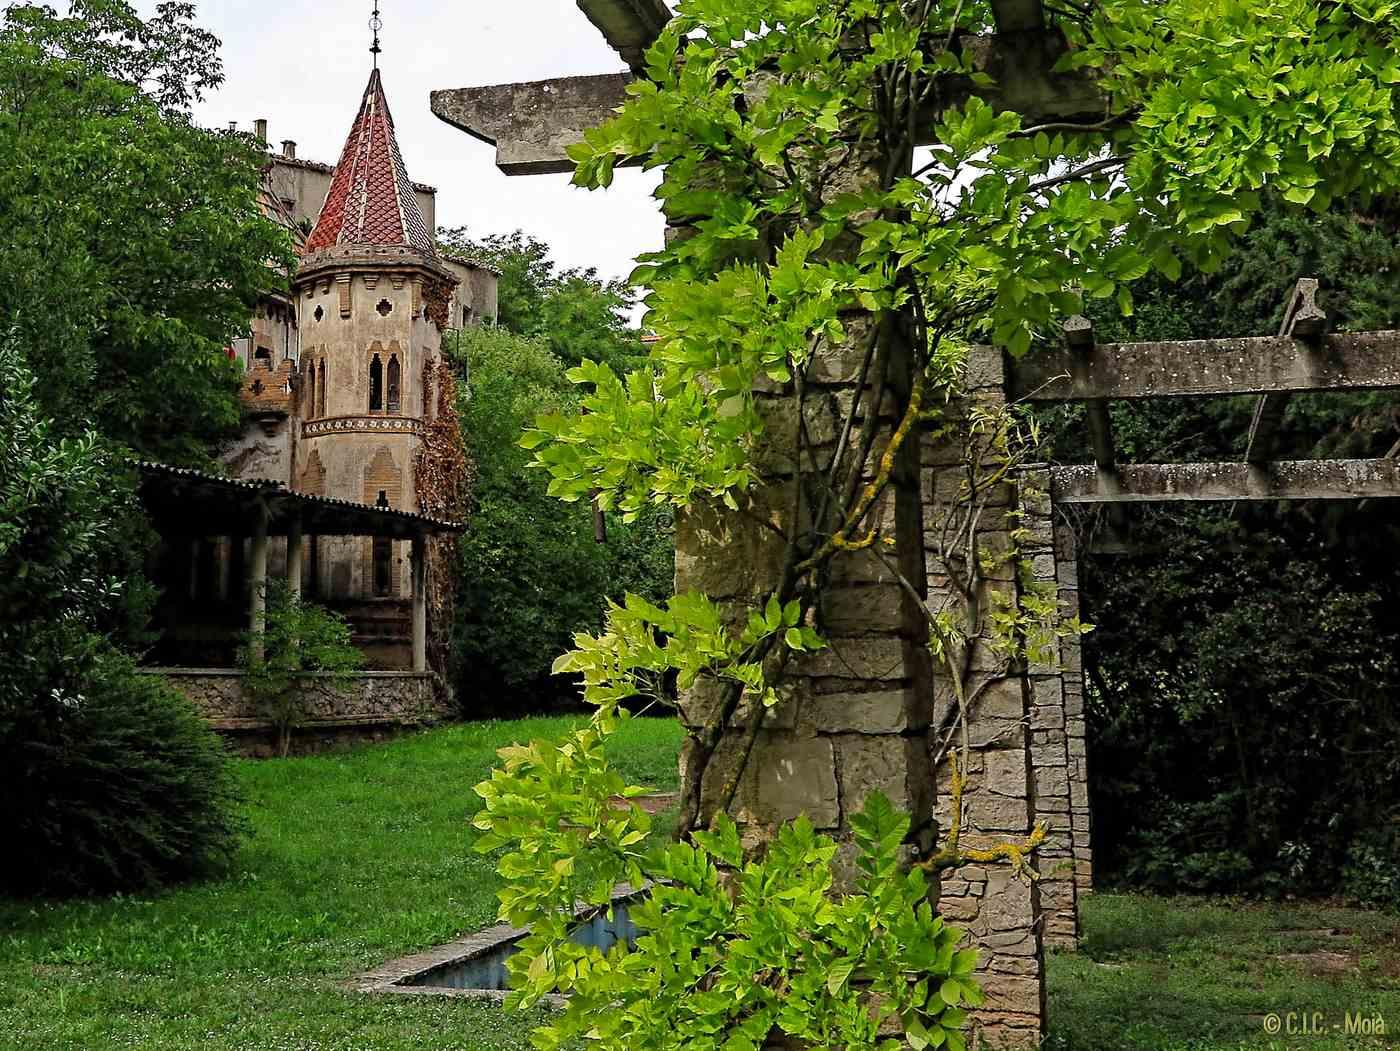 jardi-romantic-moia-CIC_08092015-6797